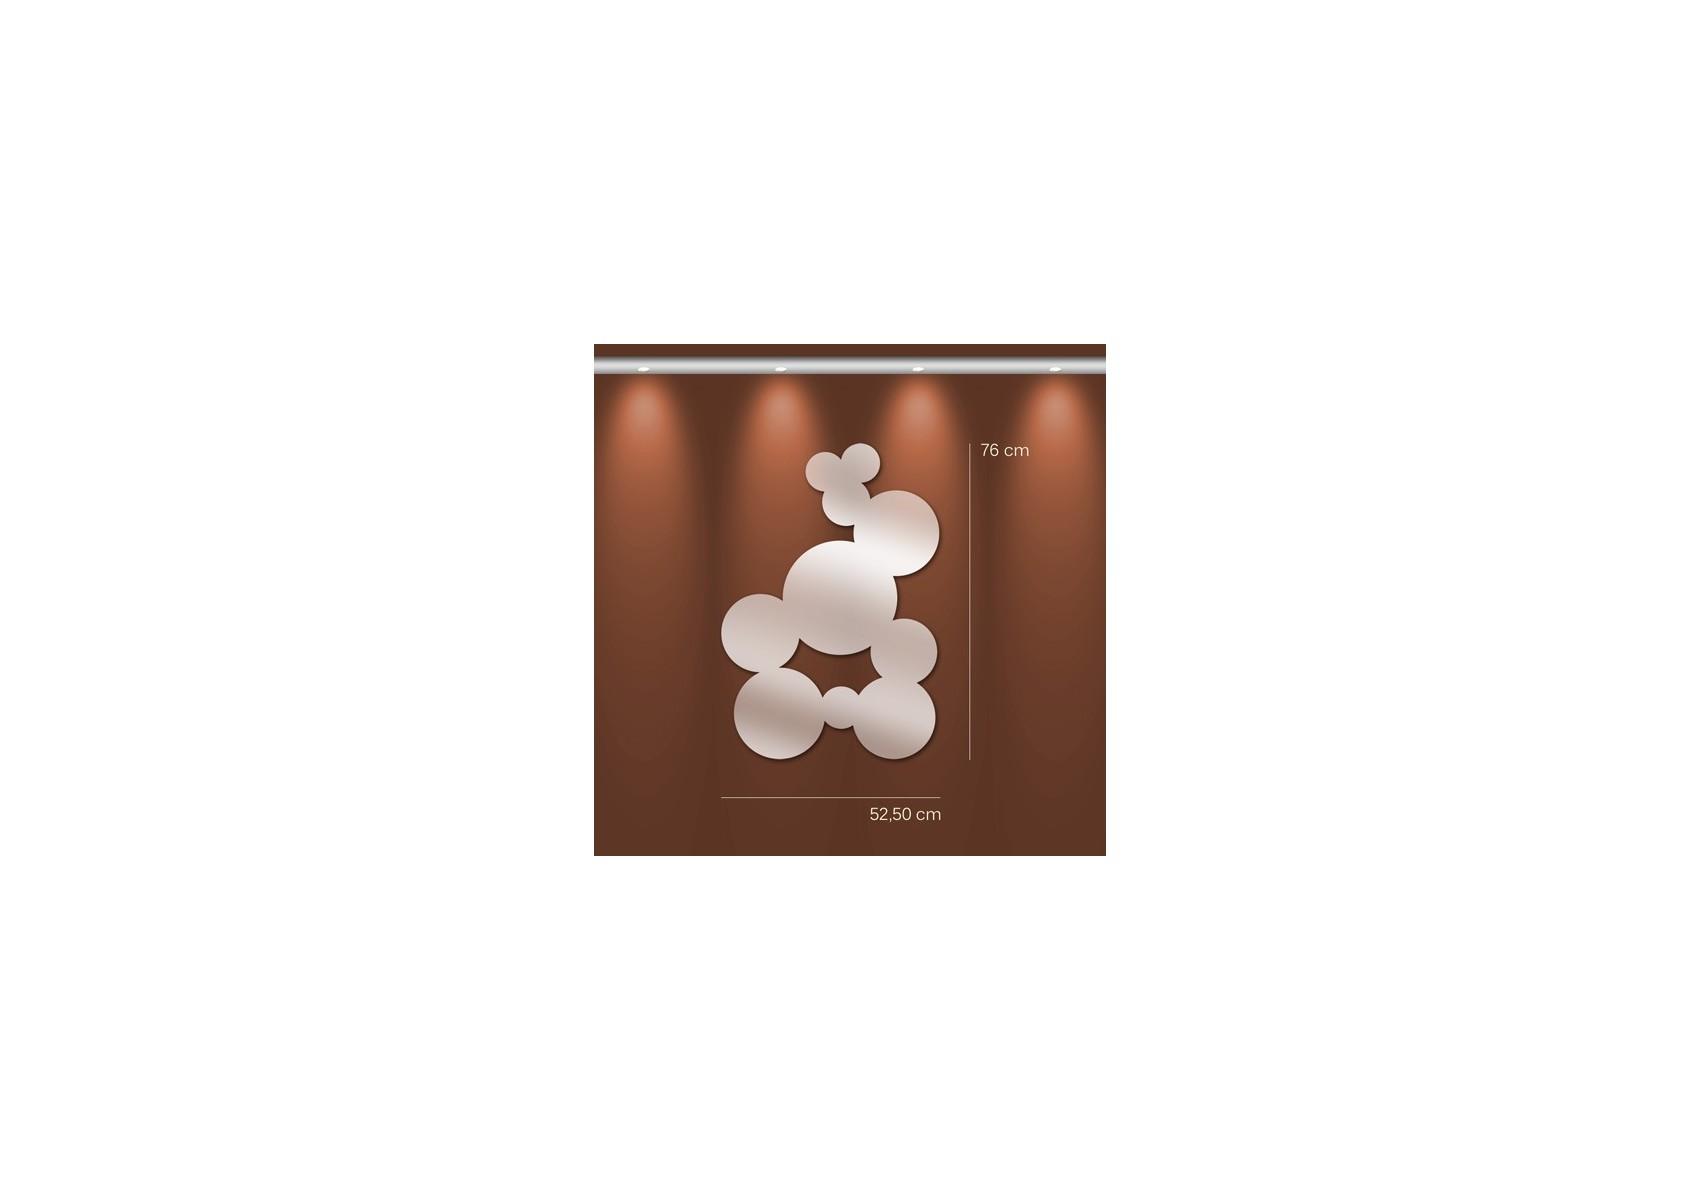 Miroir bulles fresque ronde en acrylique for Miroir en acrylique